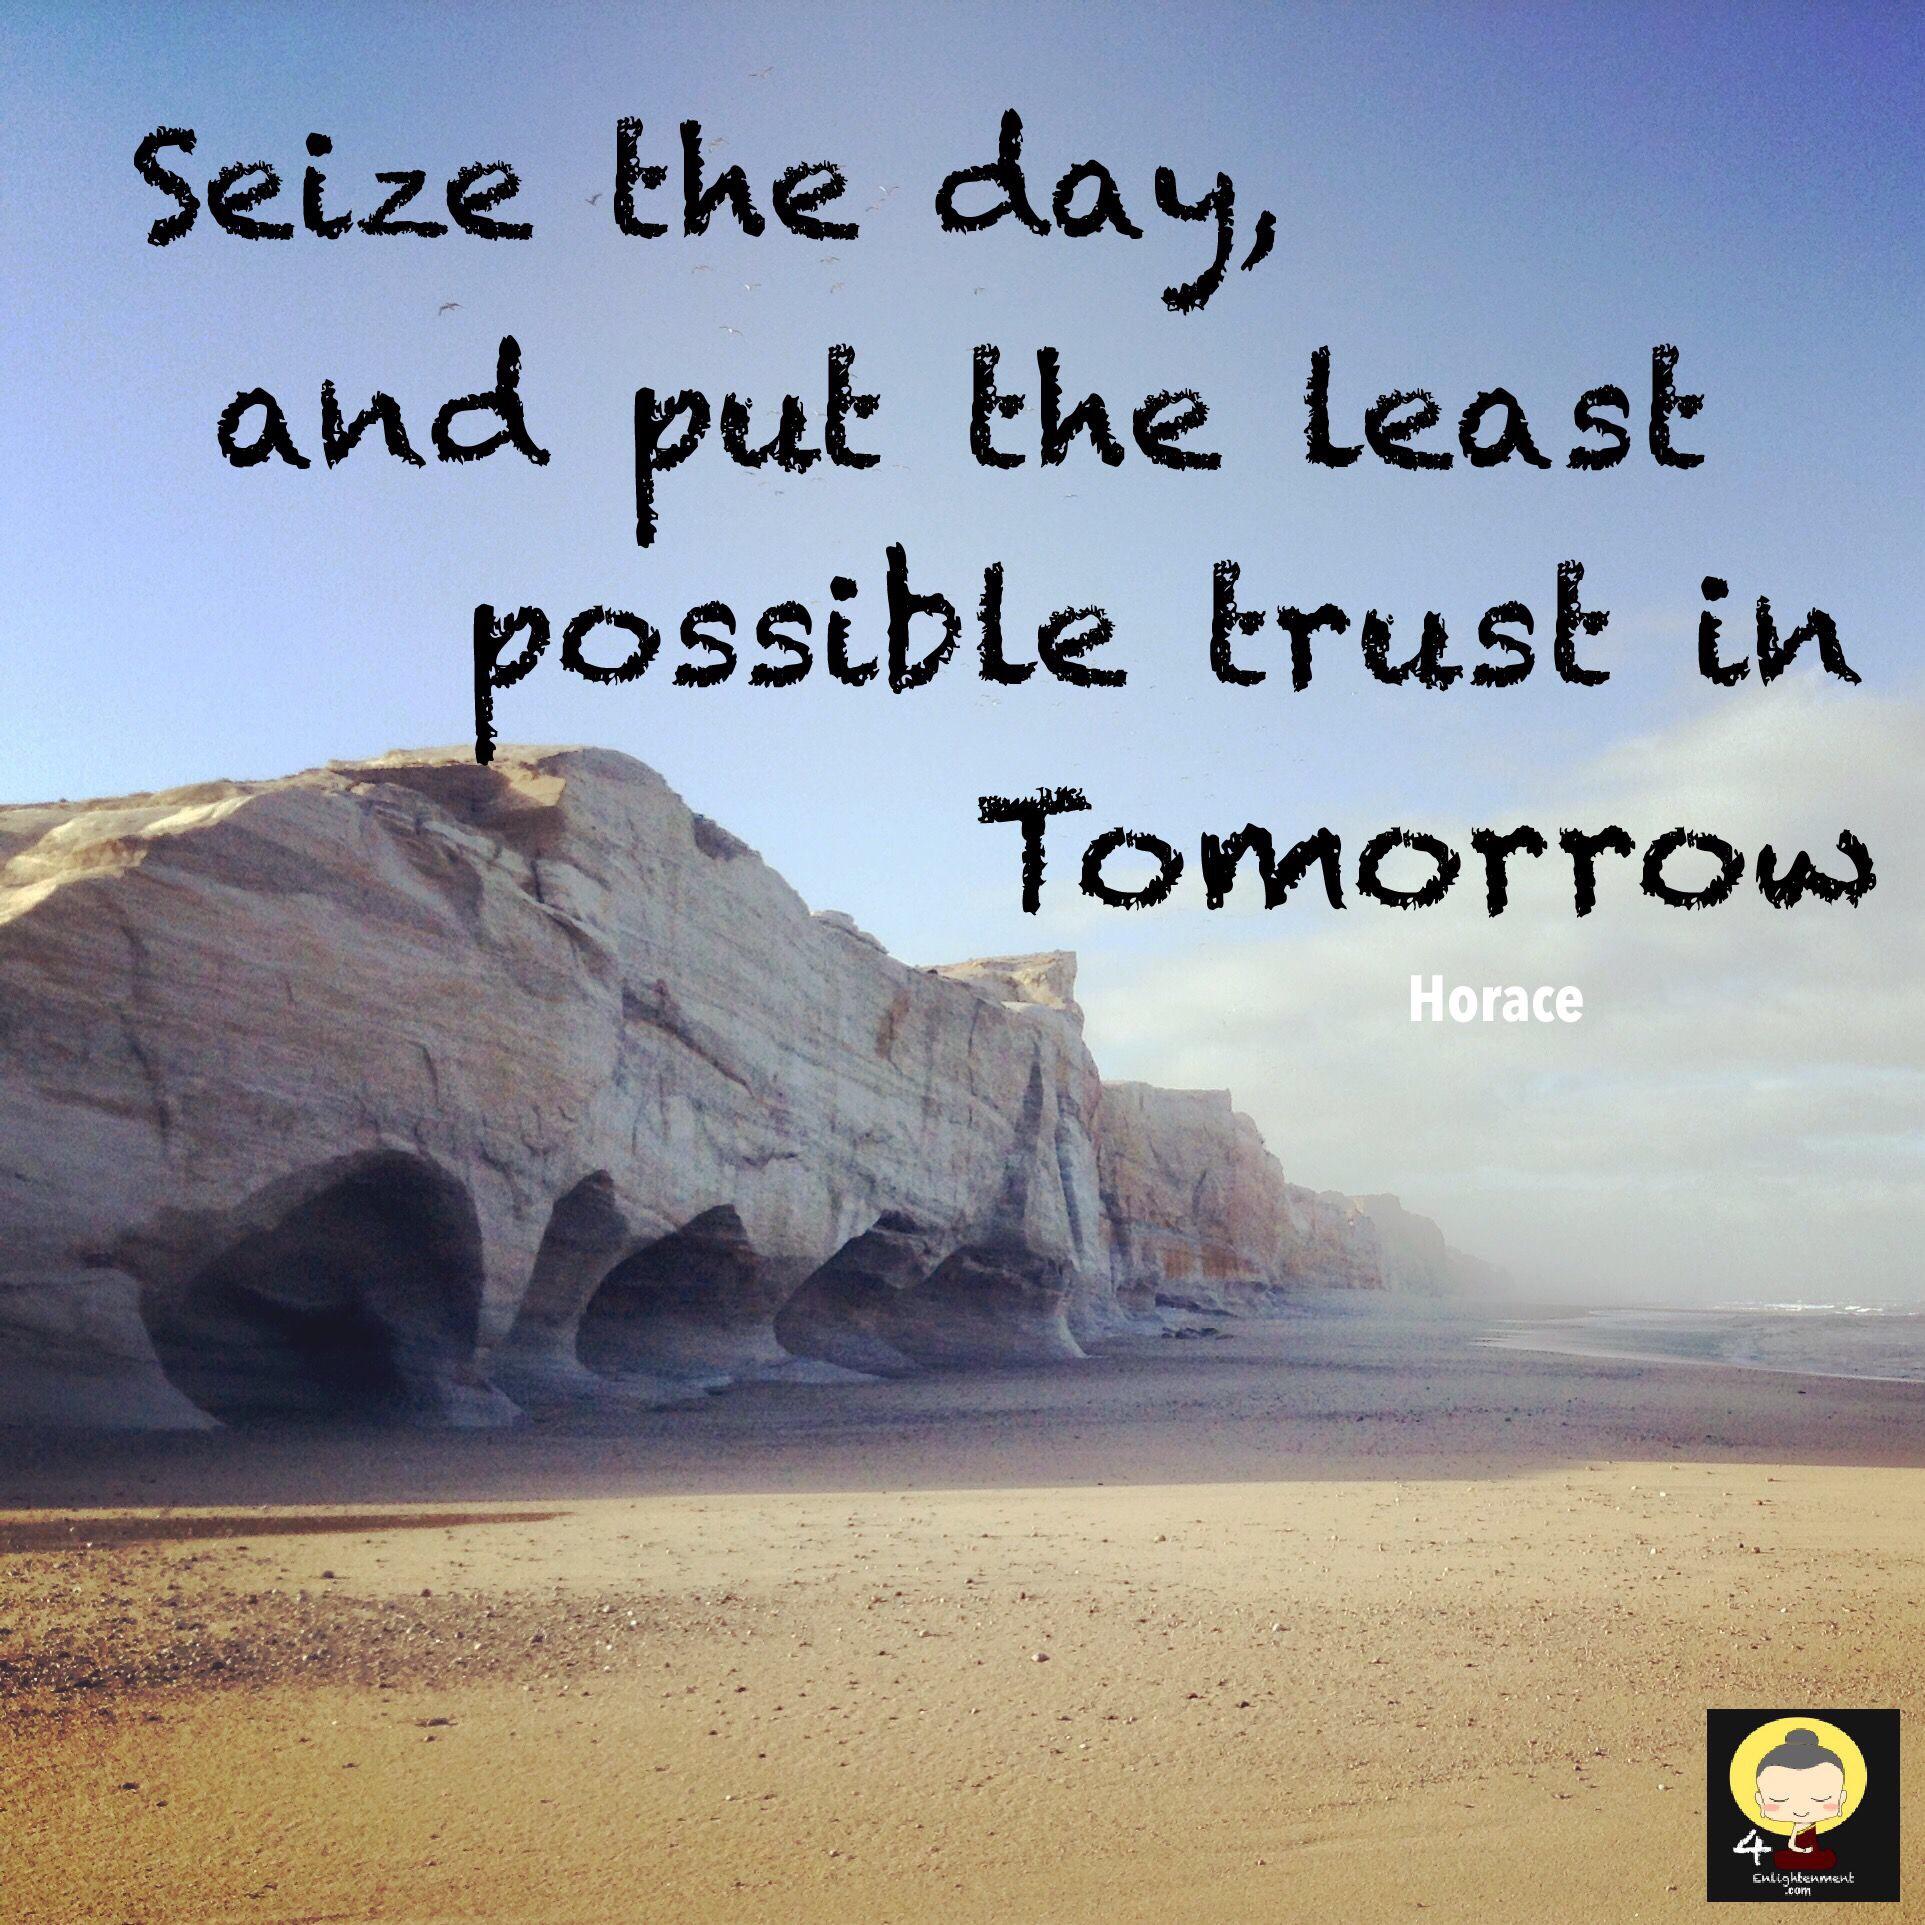 Optimistic quote Horace